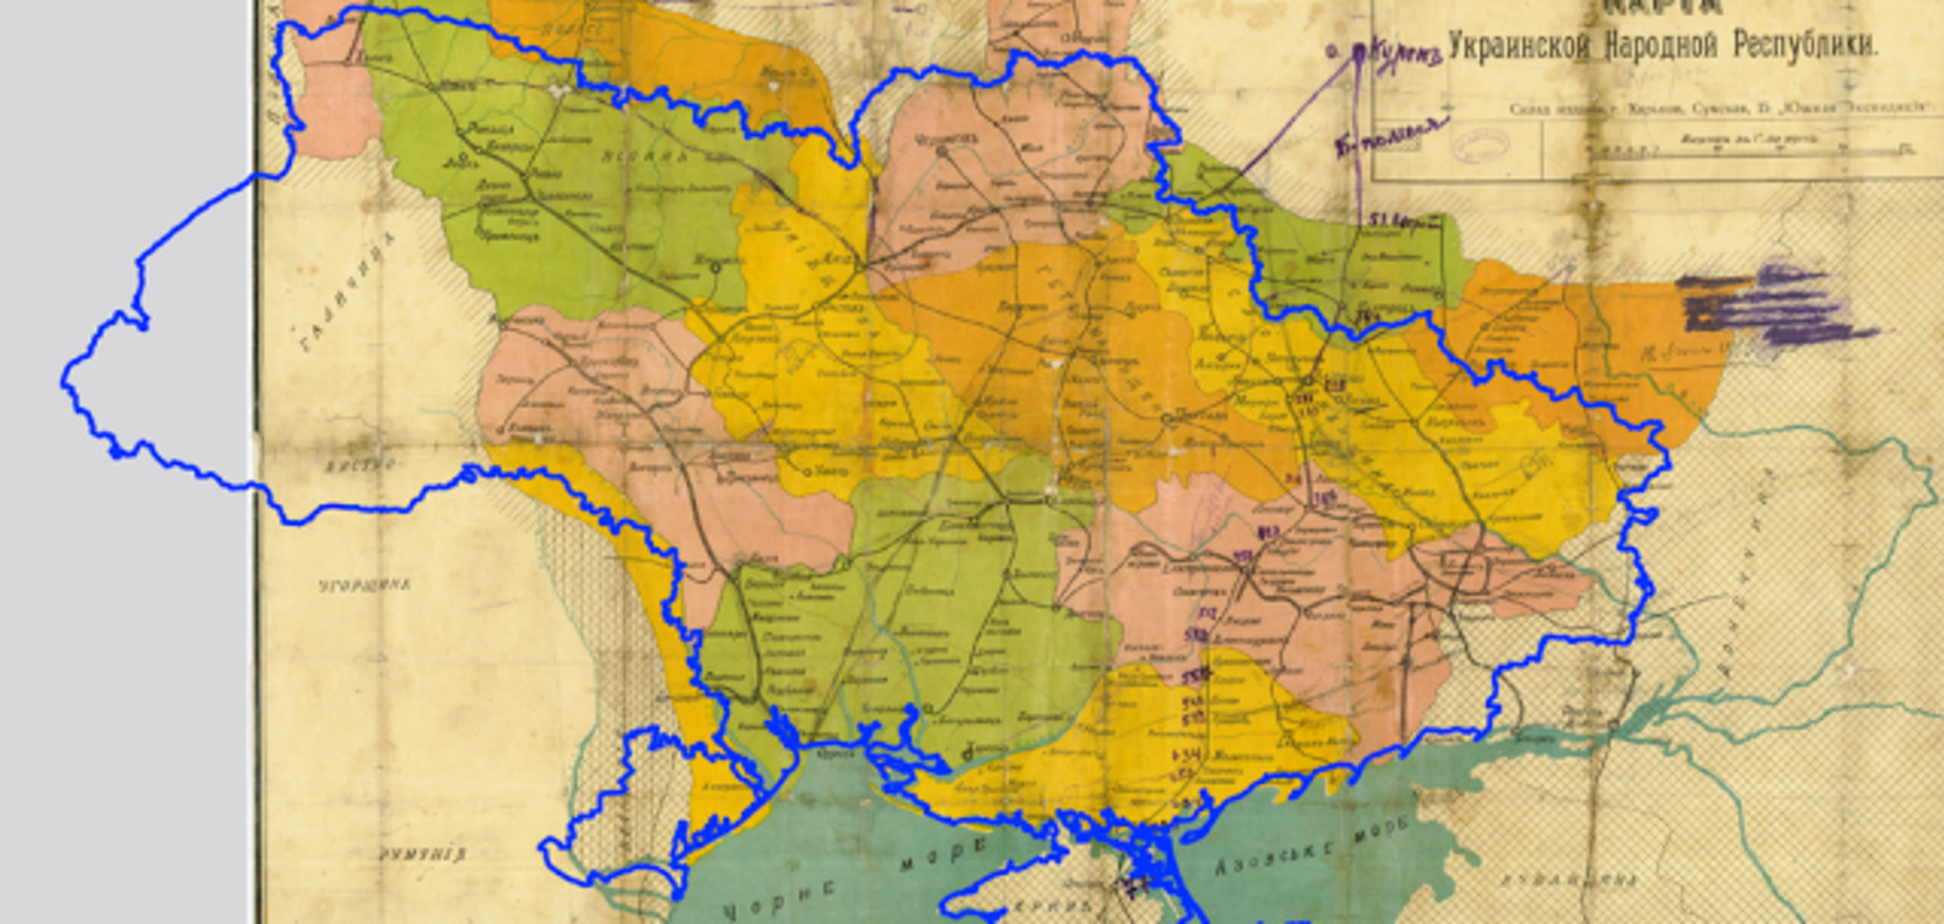 Донбасс никогда не был русскоязычным: историк ответил Кремлю